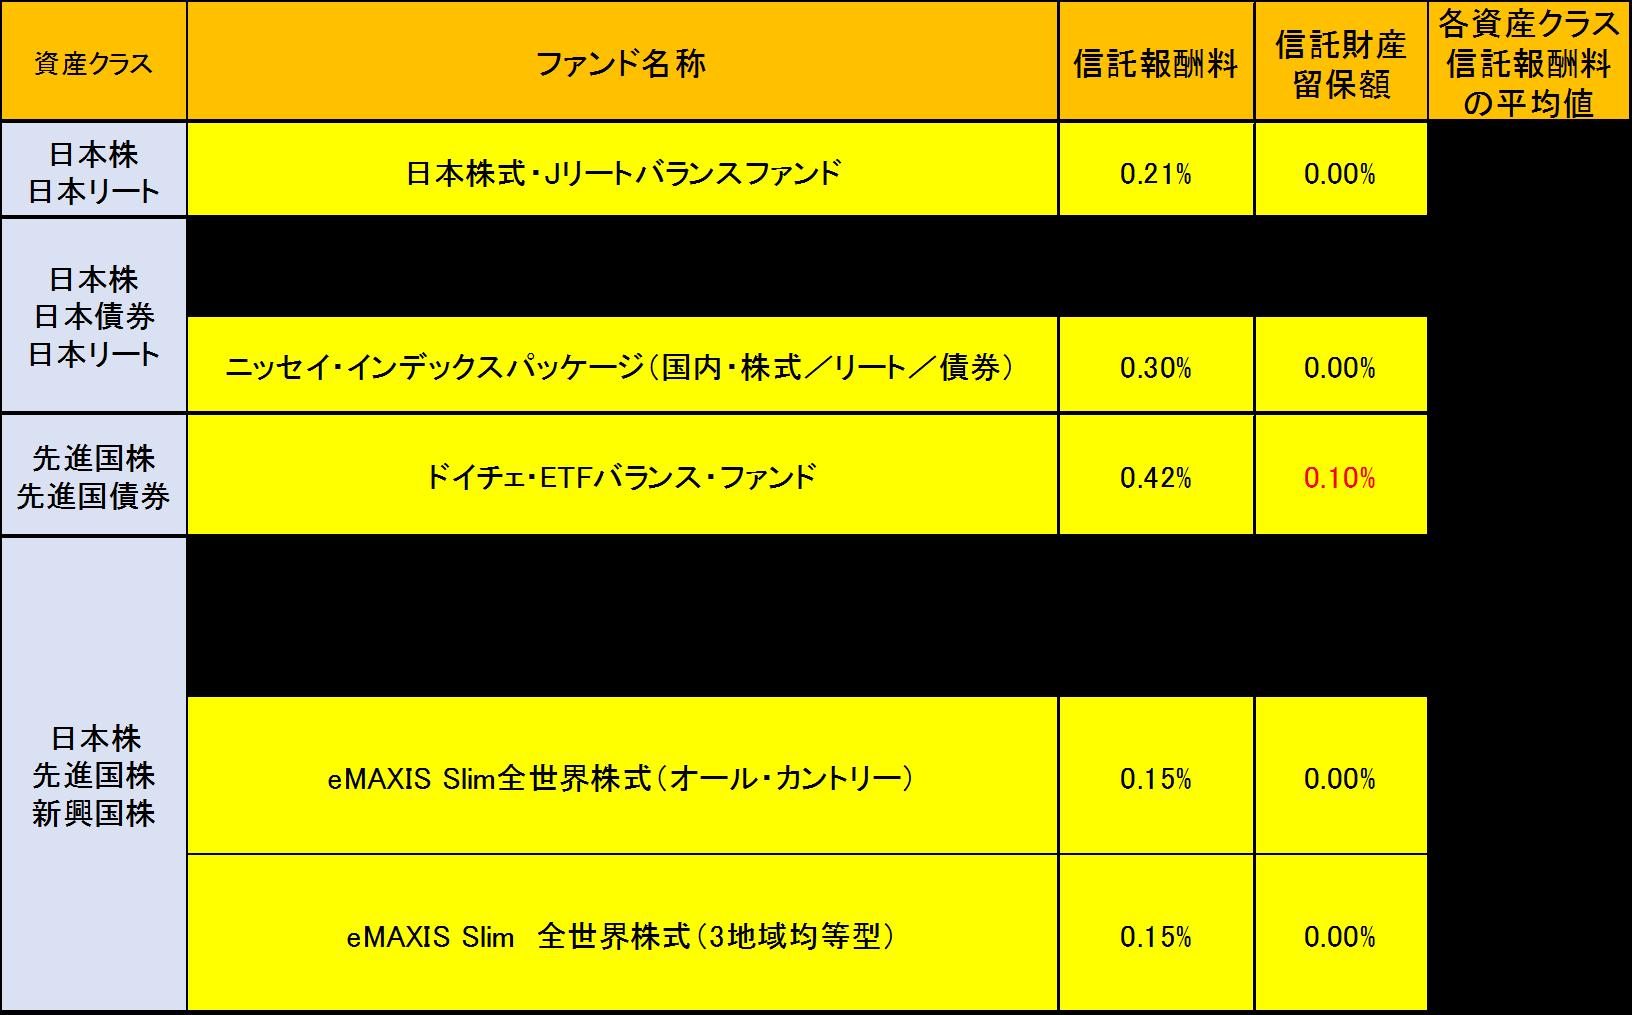 tsumitatenisa_fukusuu1_tesuuryou